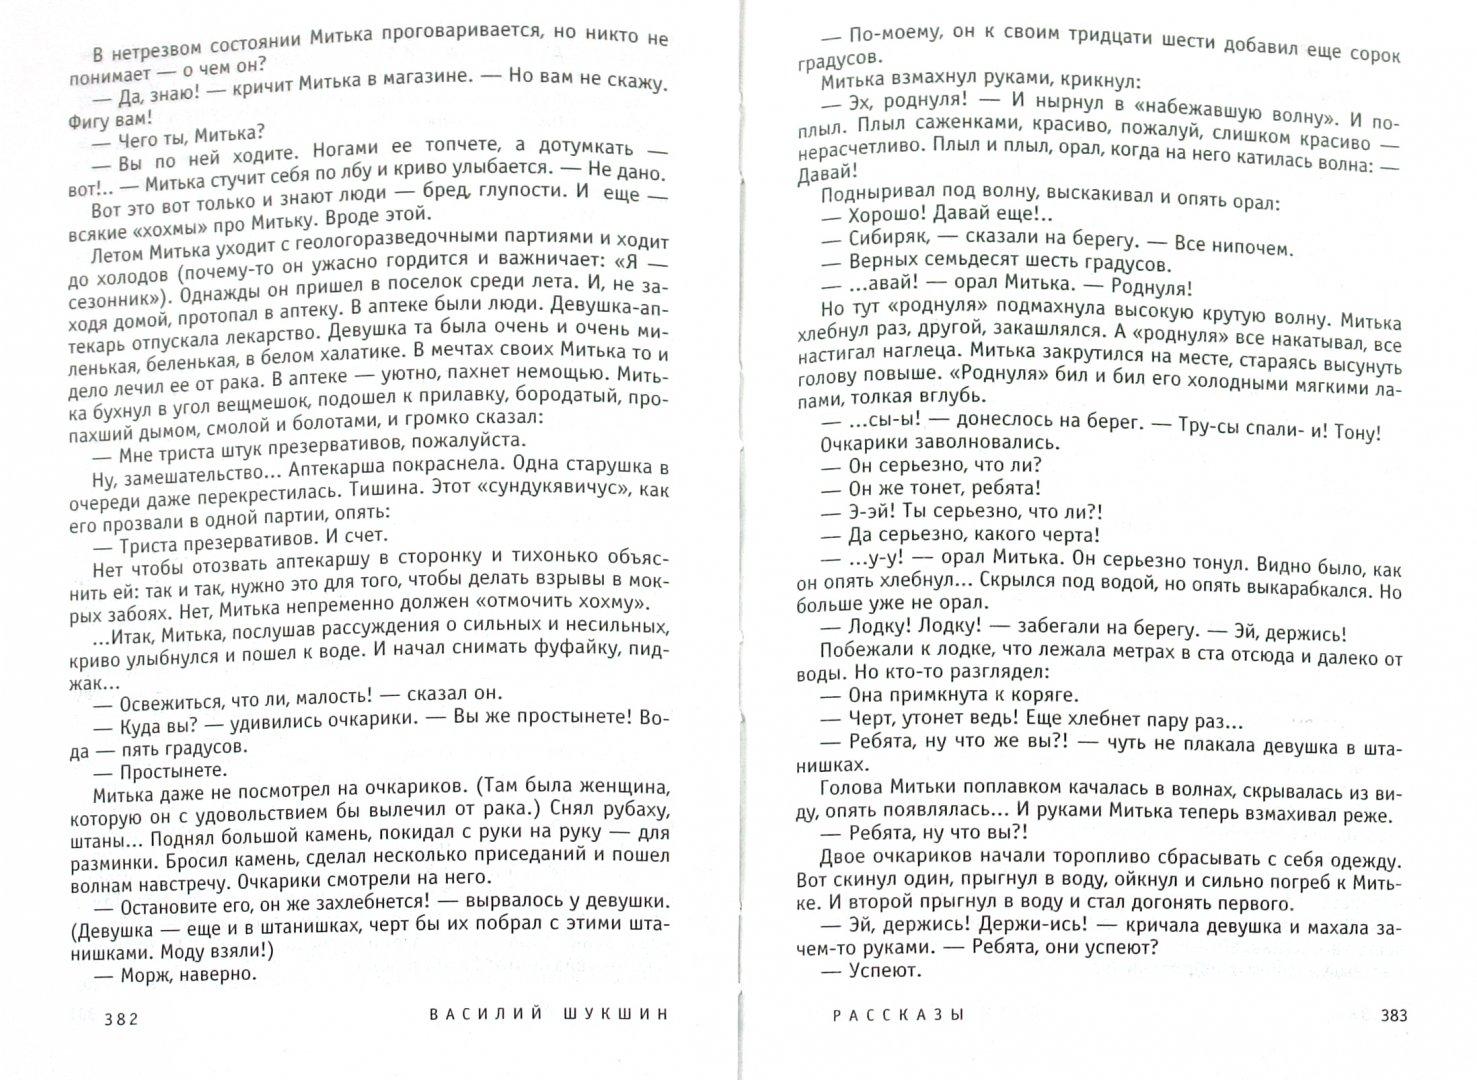 Иллюстрация 1 из 8 для Космос, нервная система и шмат сала - Василий Шукшин | Лабиринт - книги. Источник: Лабиринт